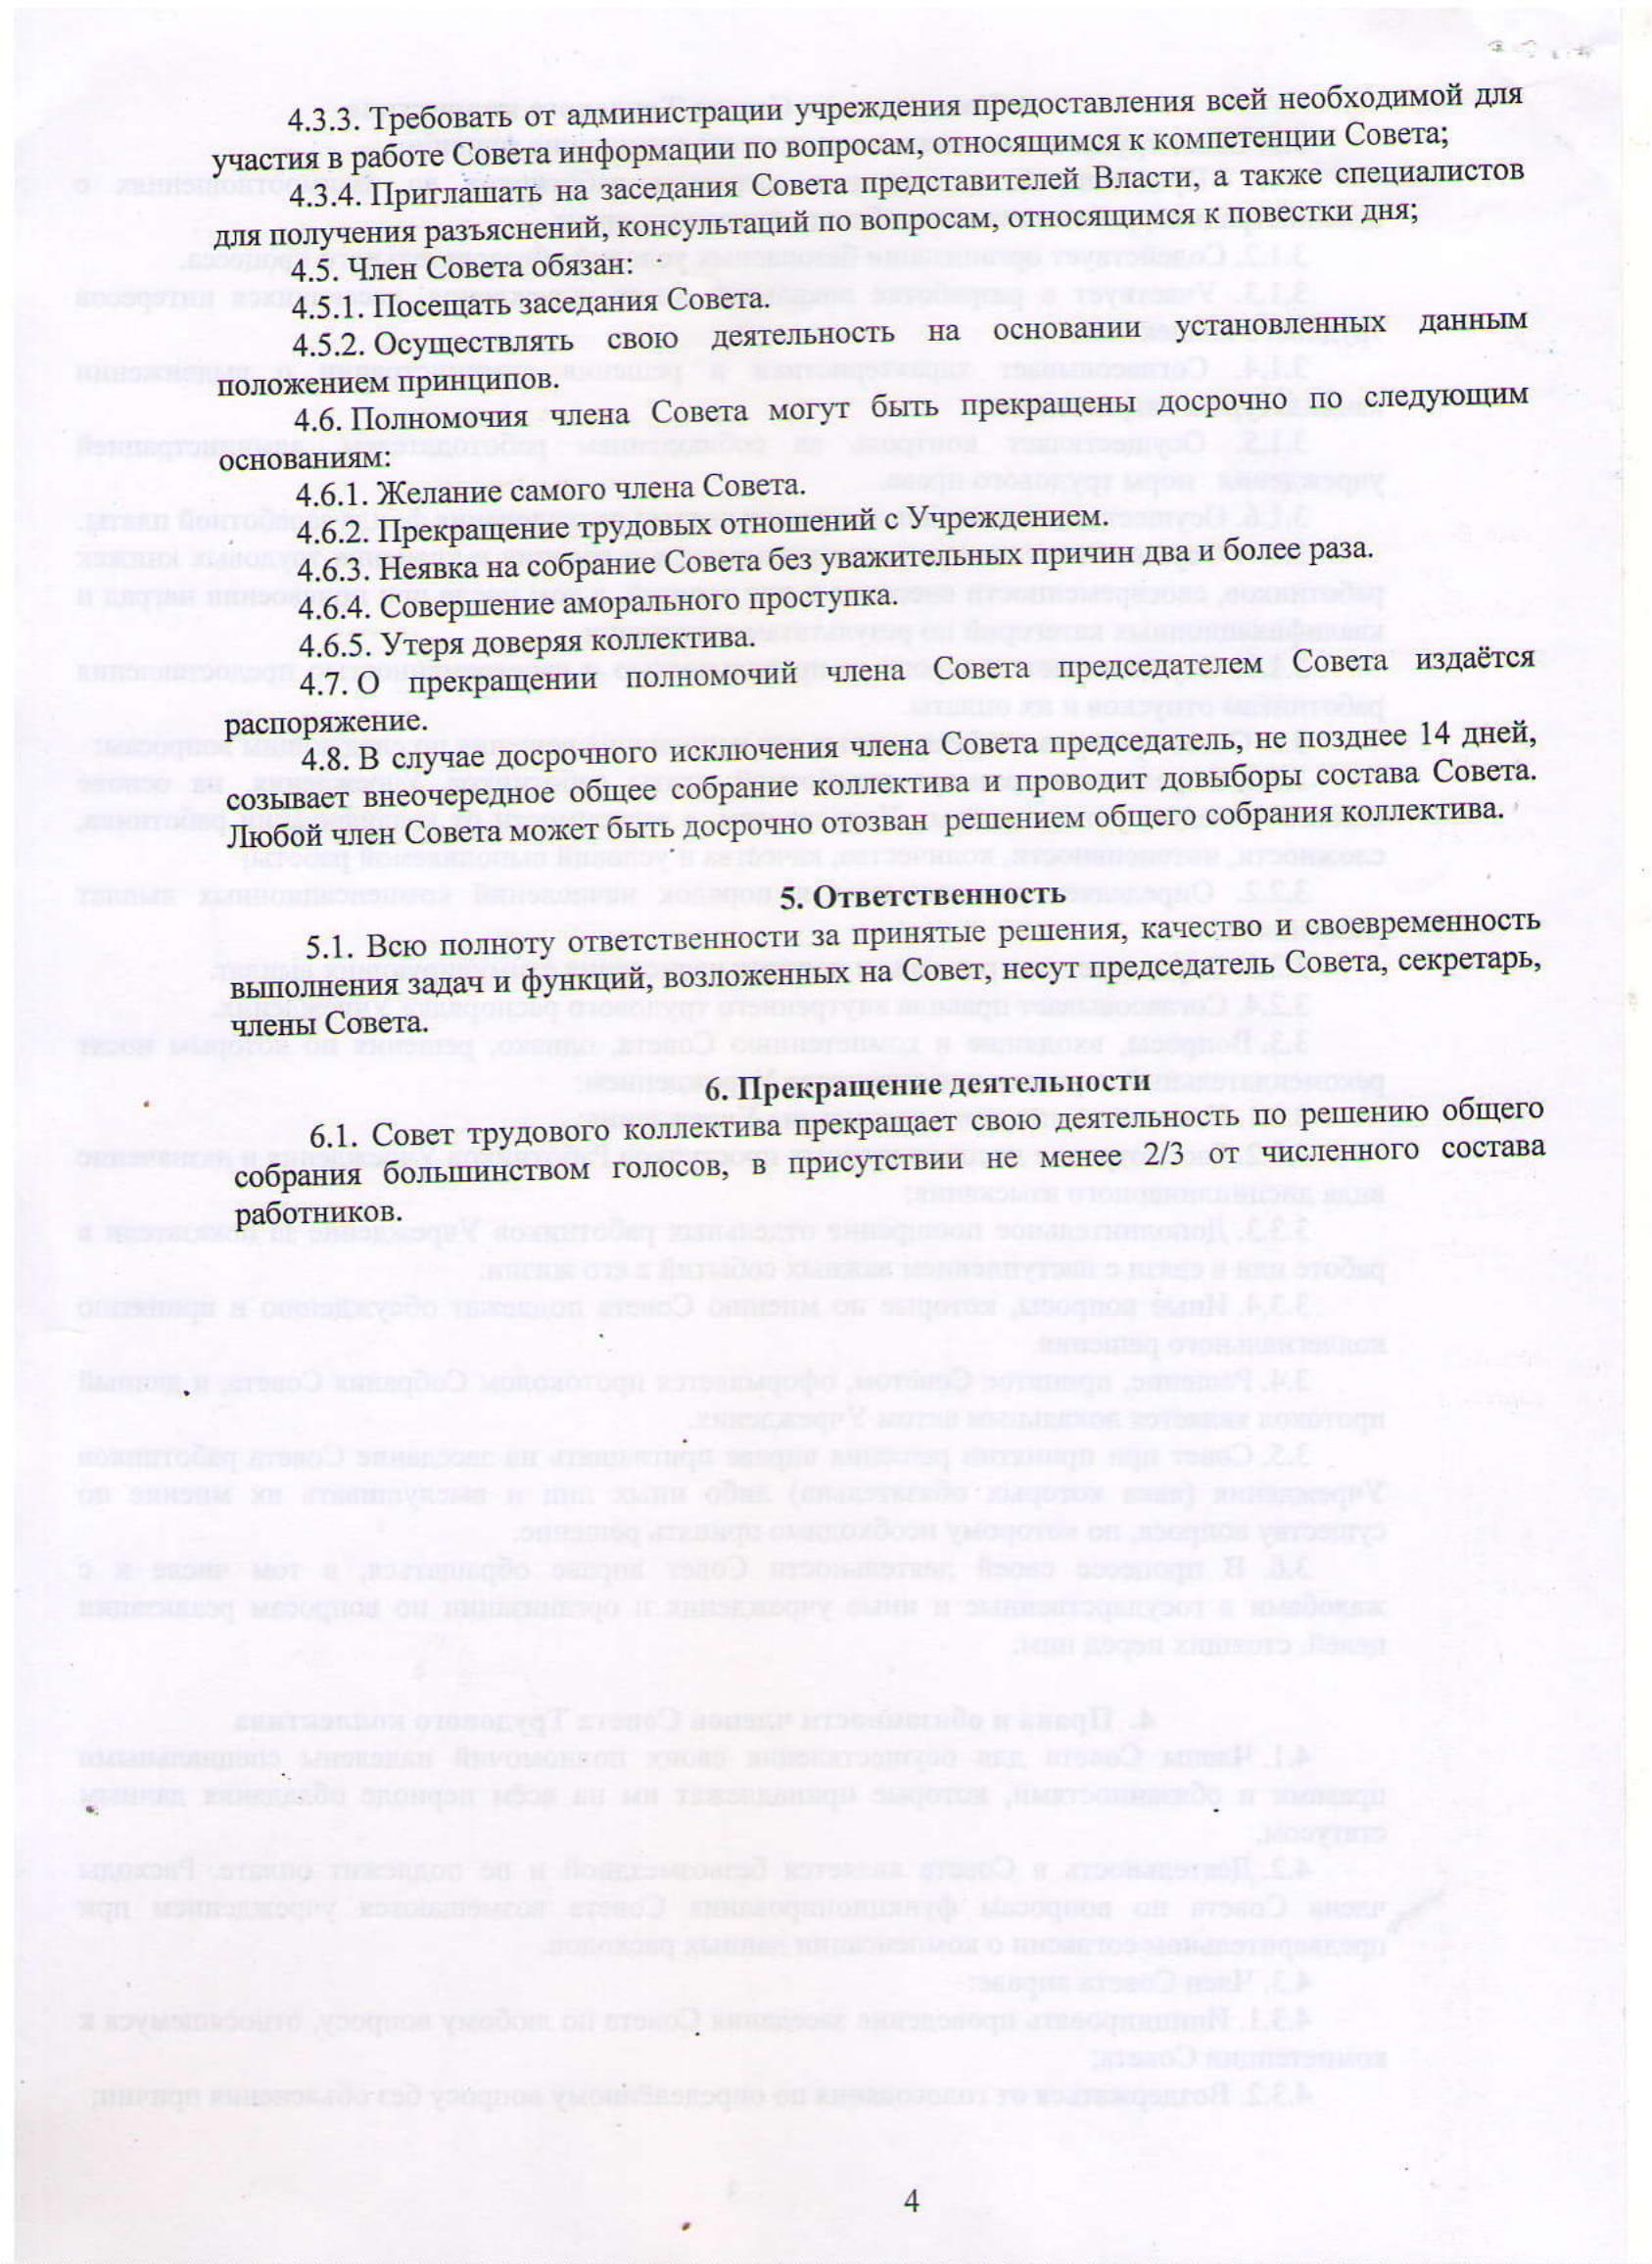 Положение о совете трудового коллектива-4